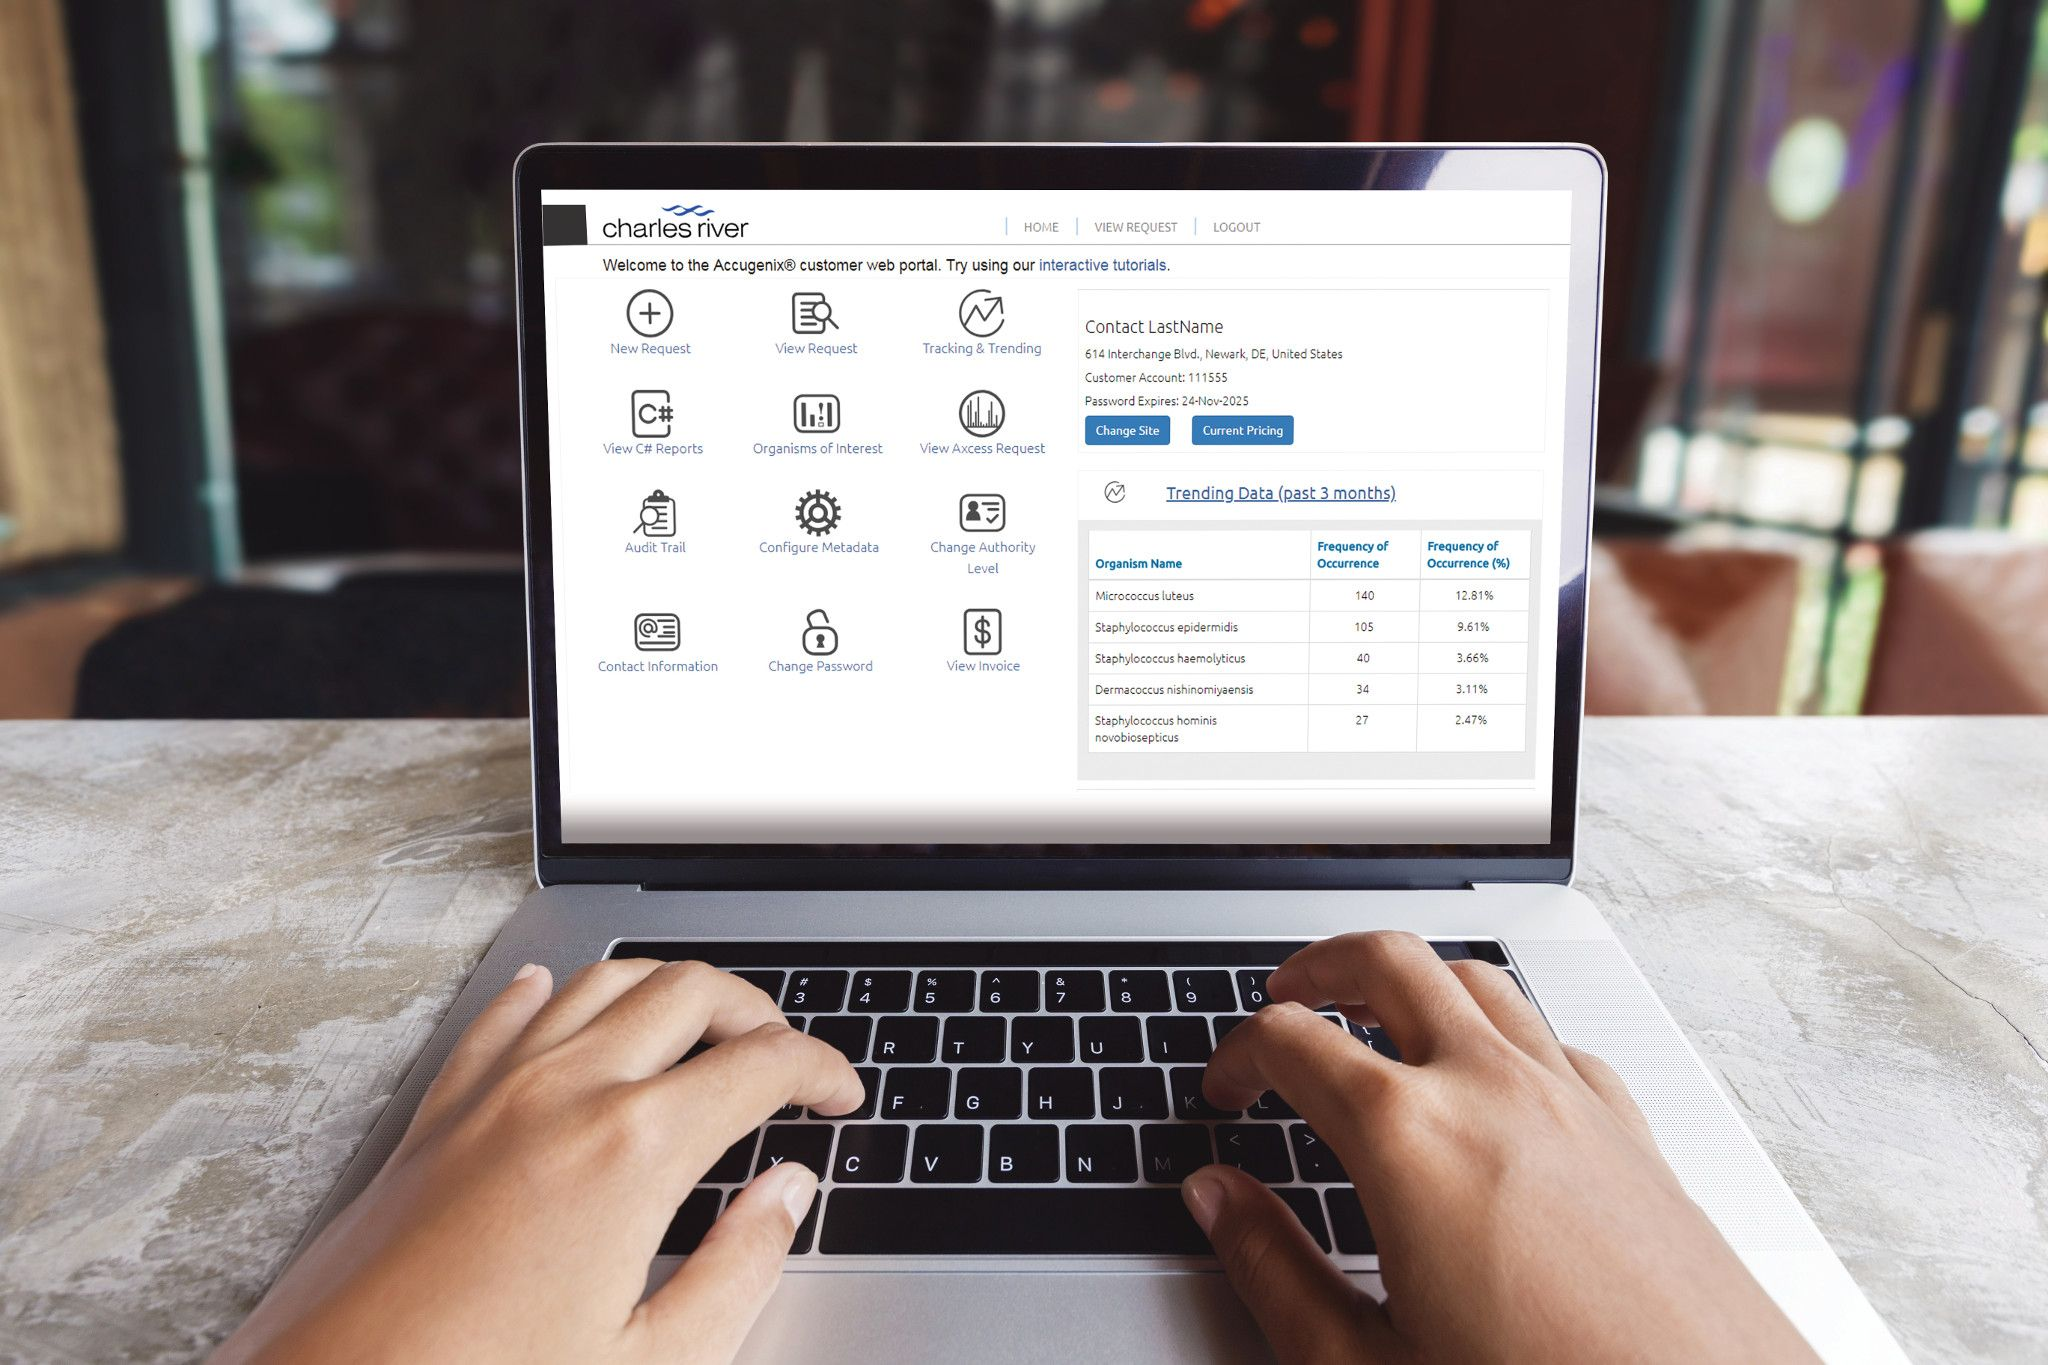 laptop displaying Charles River Customer Web Portal